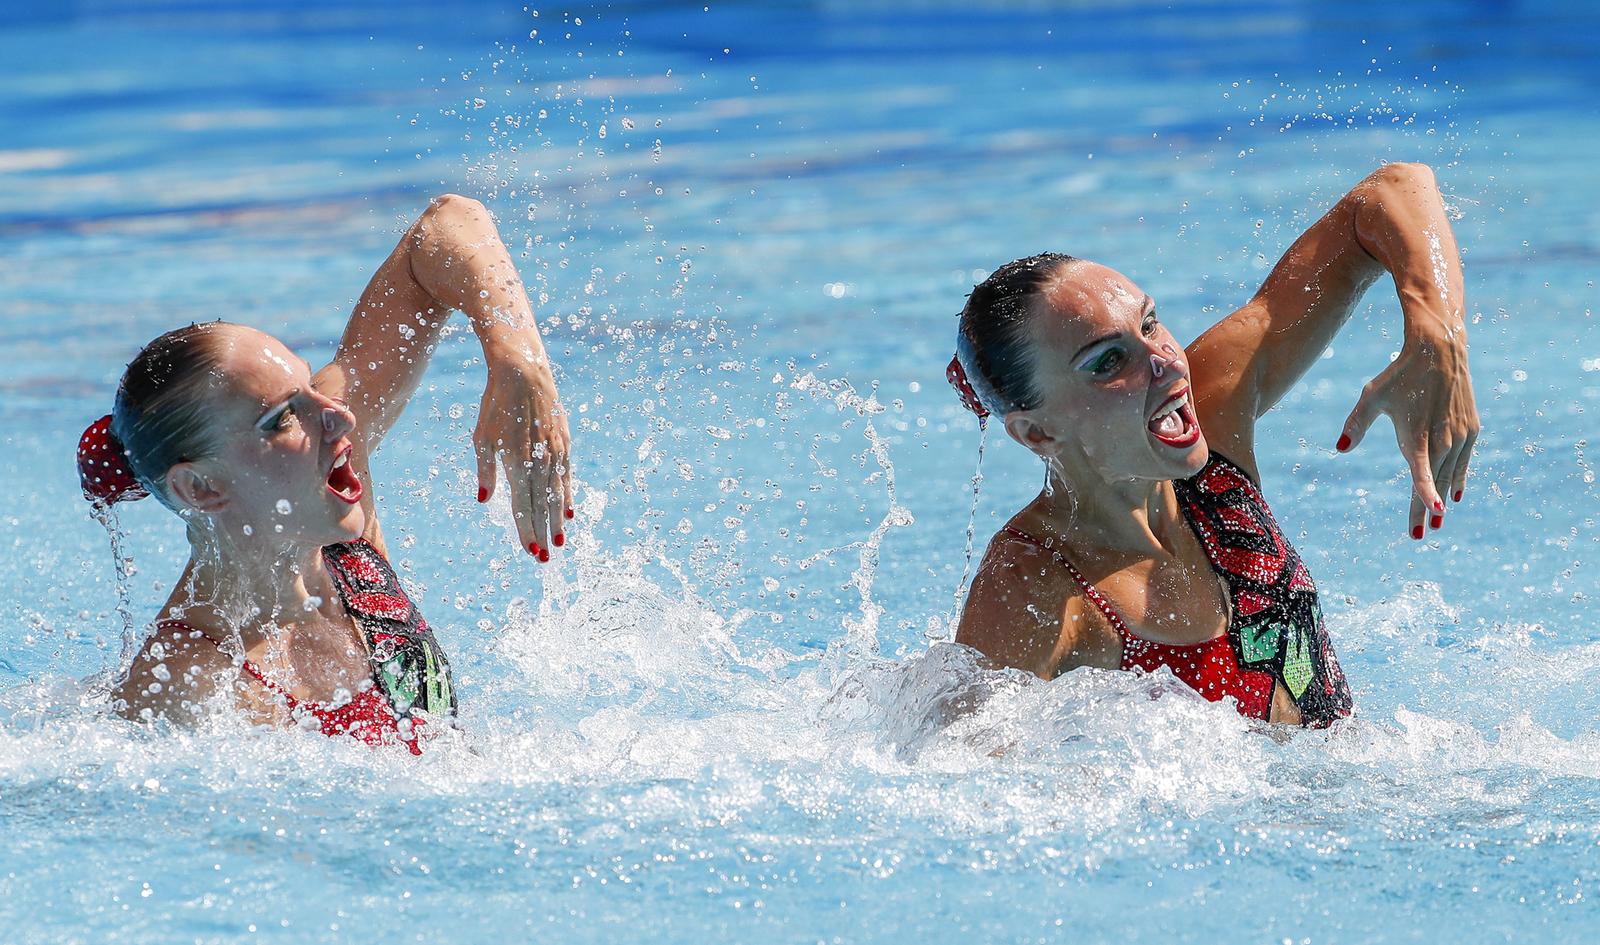 Наталья Ищенко и Светлана Омашина во время выступления на соревнованиях по синхронному плаванию